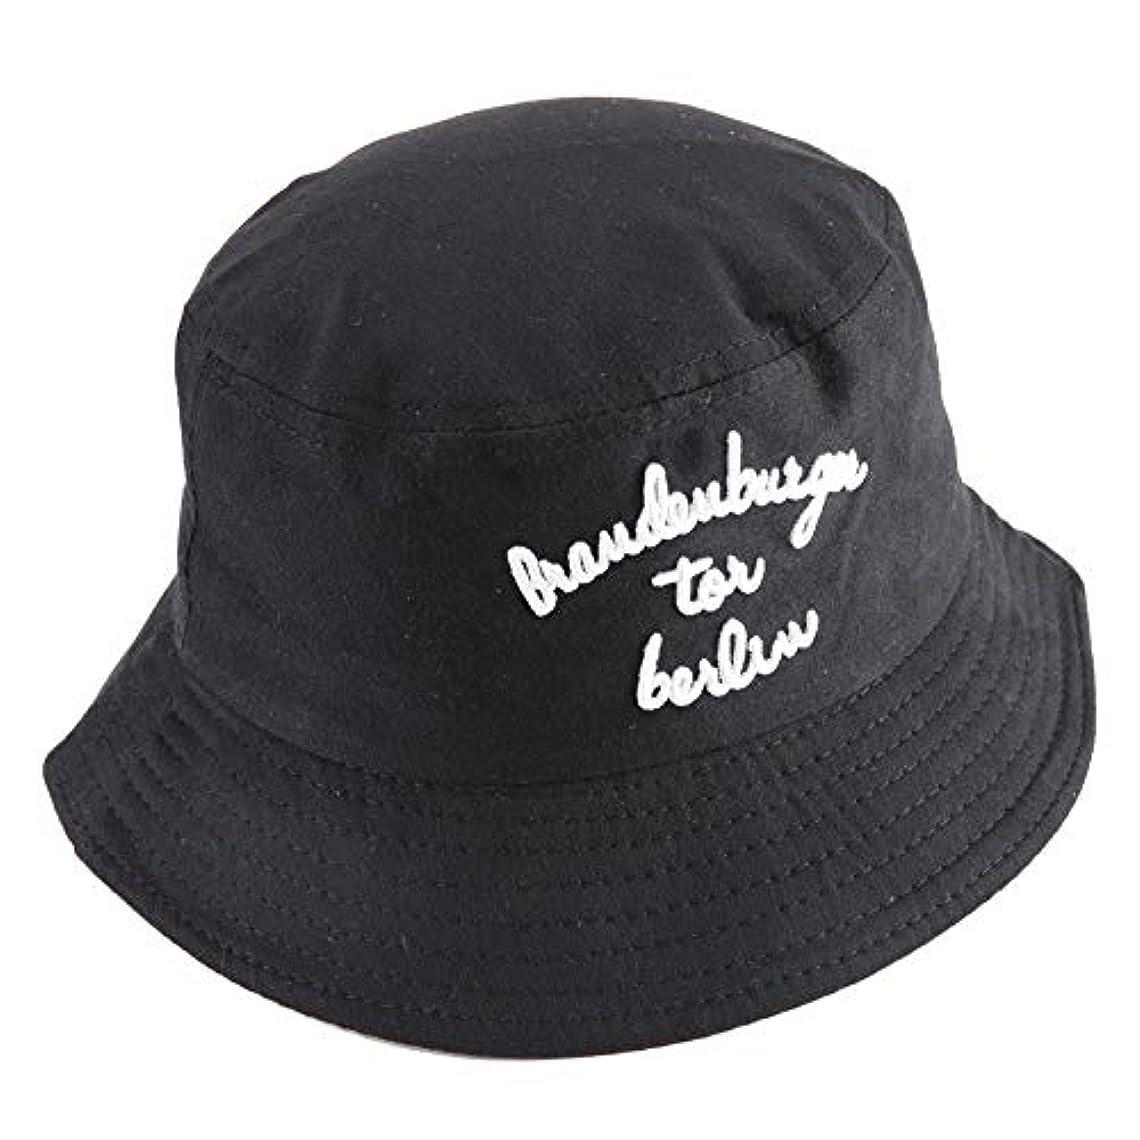 個人レイ王朝漁師の帽子 キャップ 日よけ麦わら帽子 ビーチサンハット 通気性 柔らかい 男女兼用 ファッション タッセルフロッピーキャップ